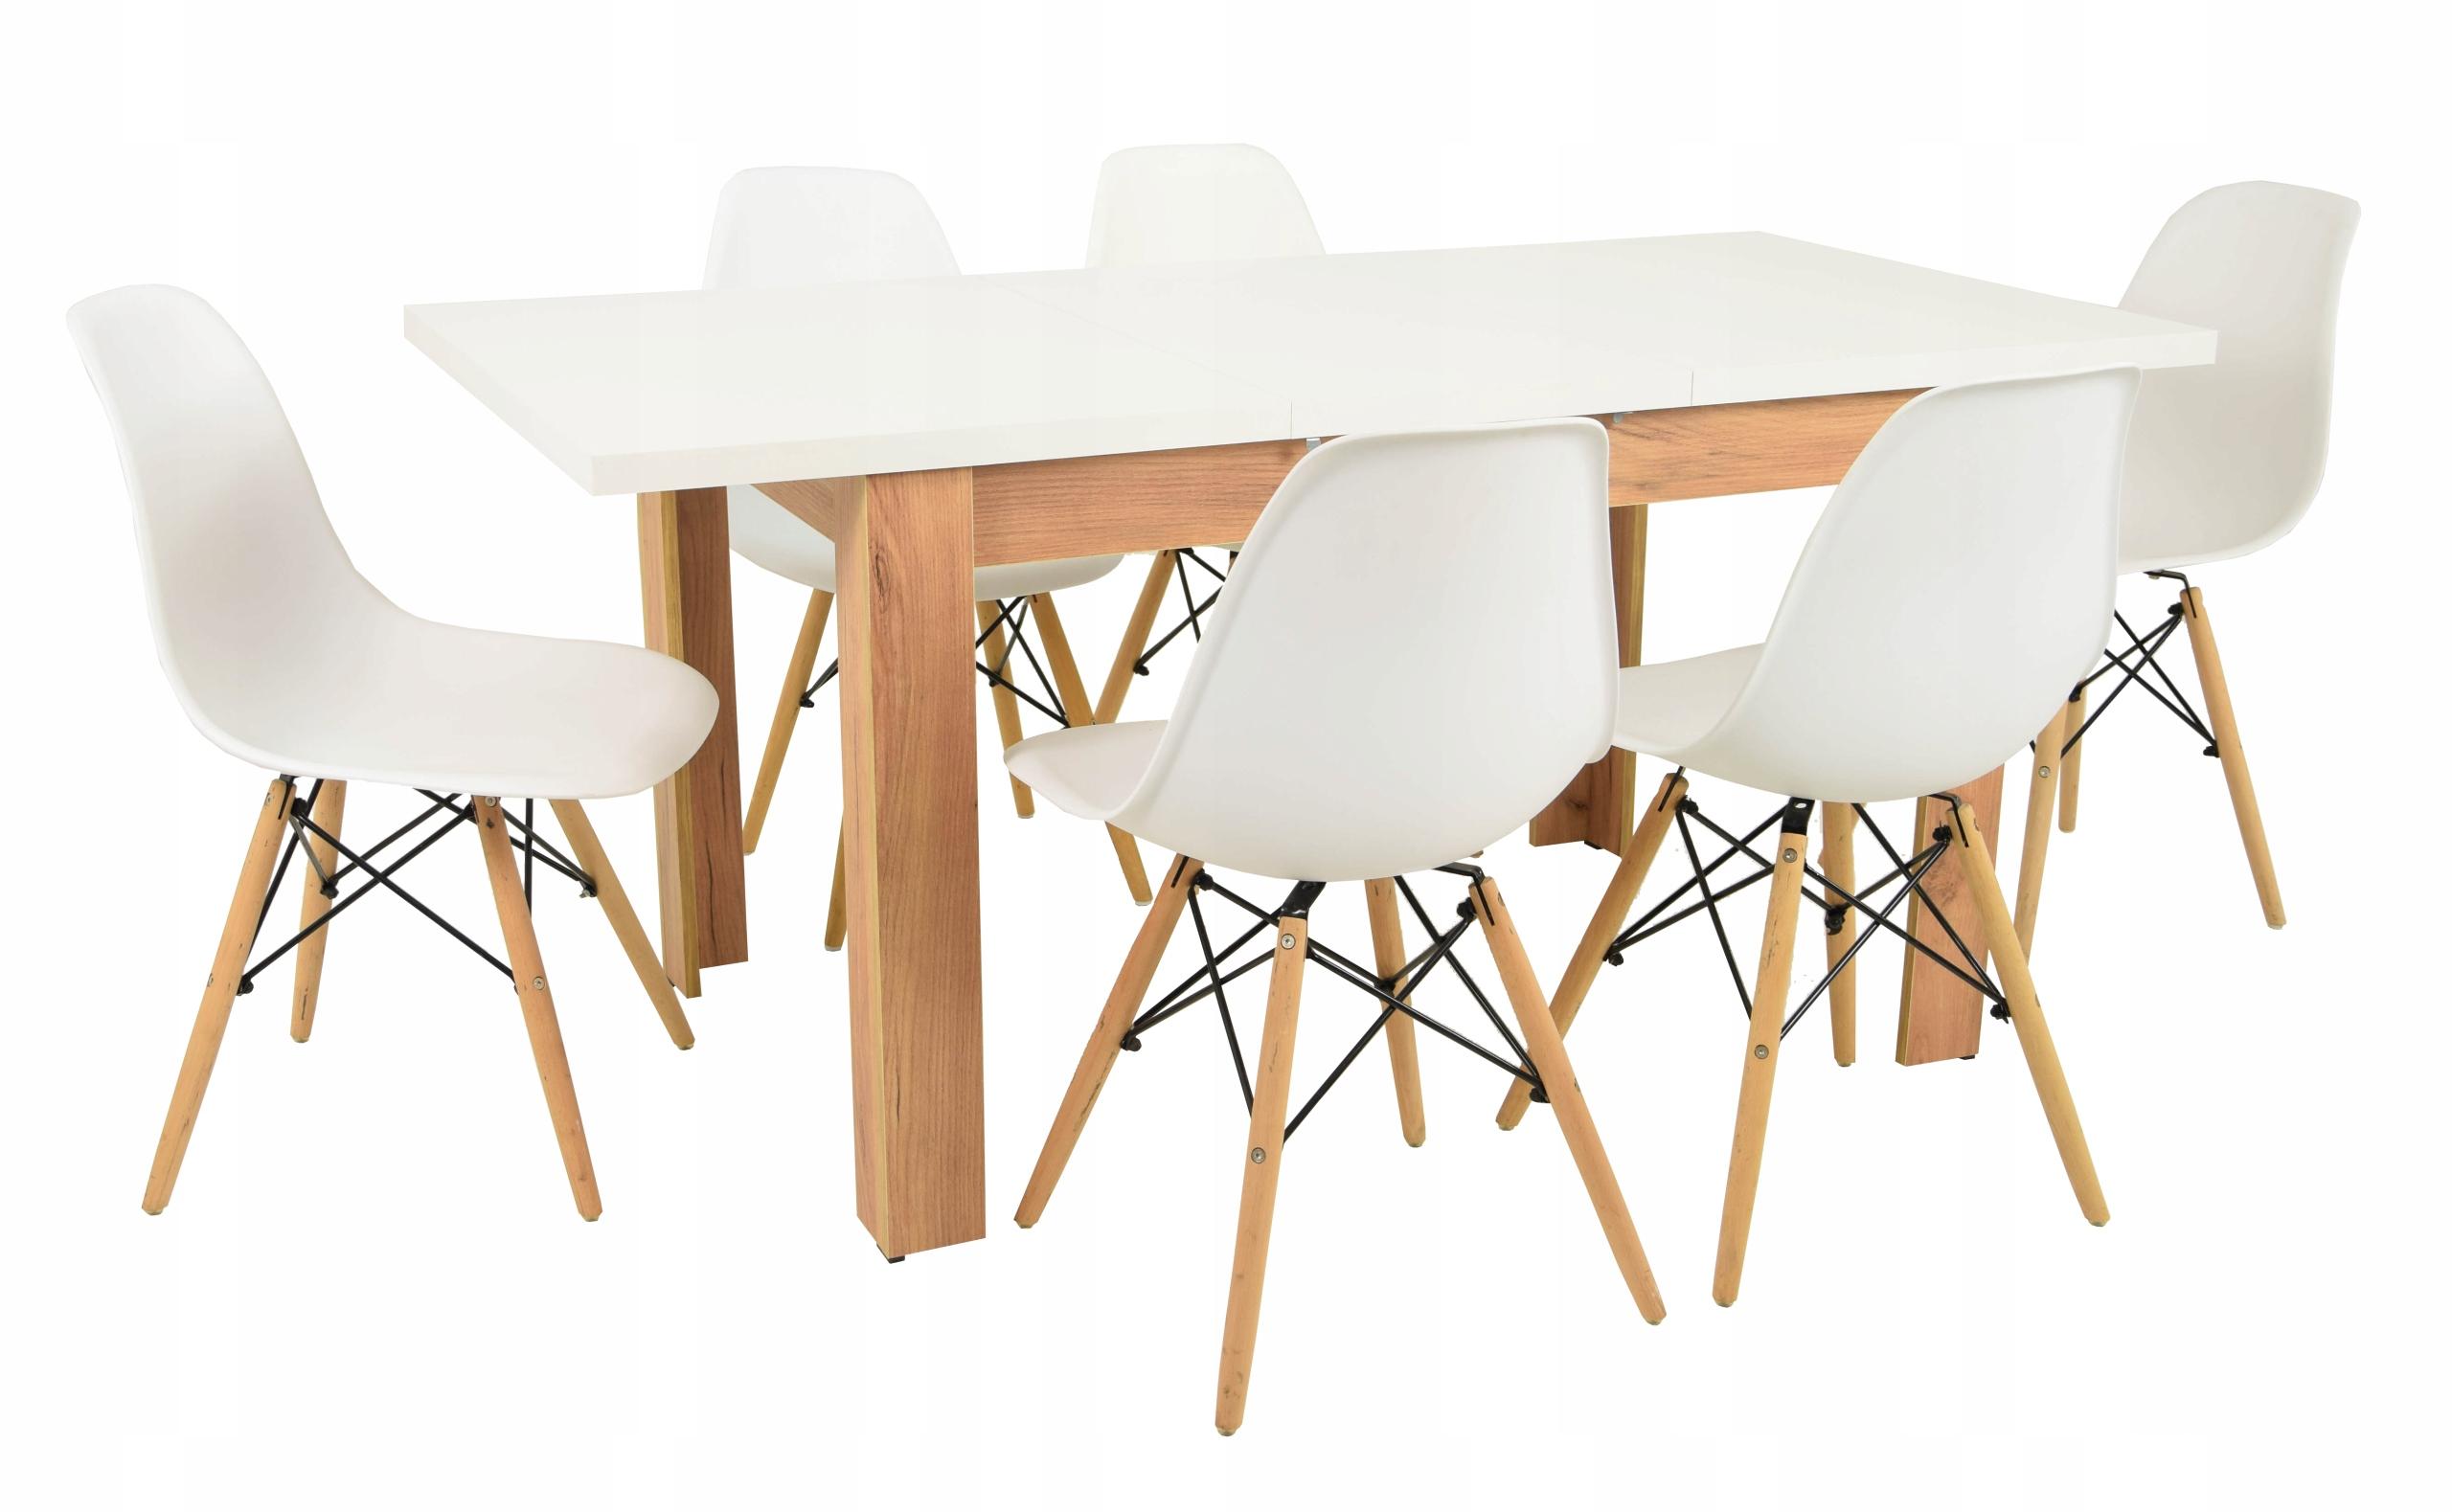 Stół rozkładany Dąb 80x120/160 6 krzeseł Białych